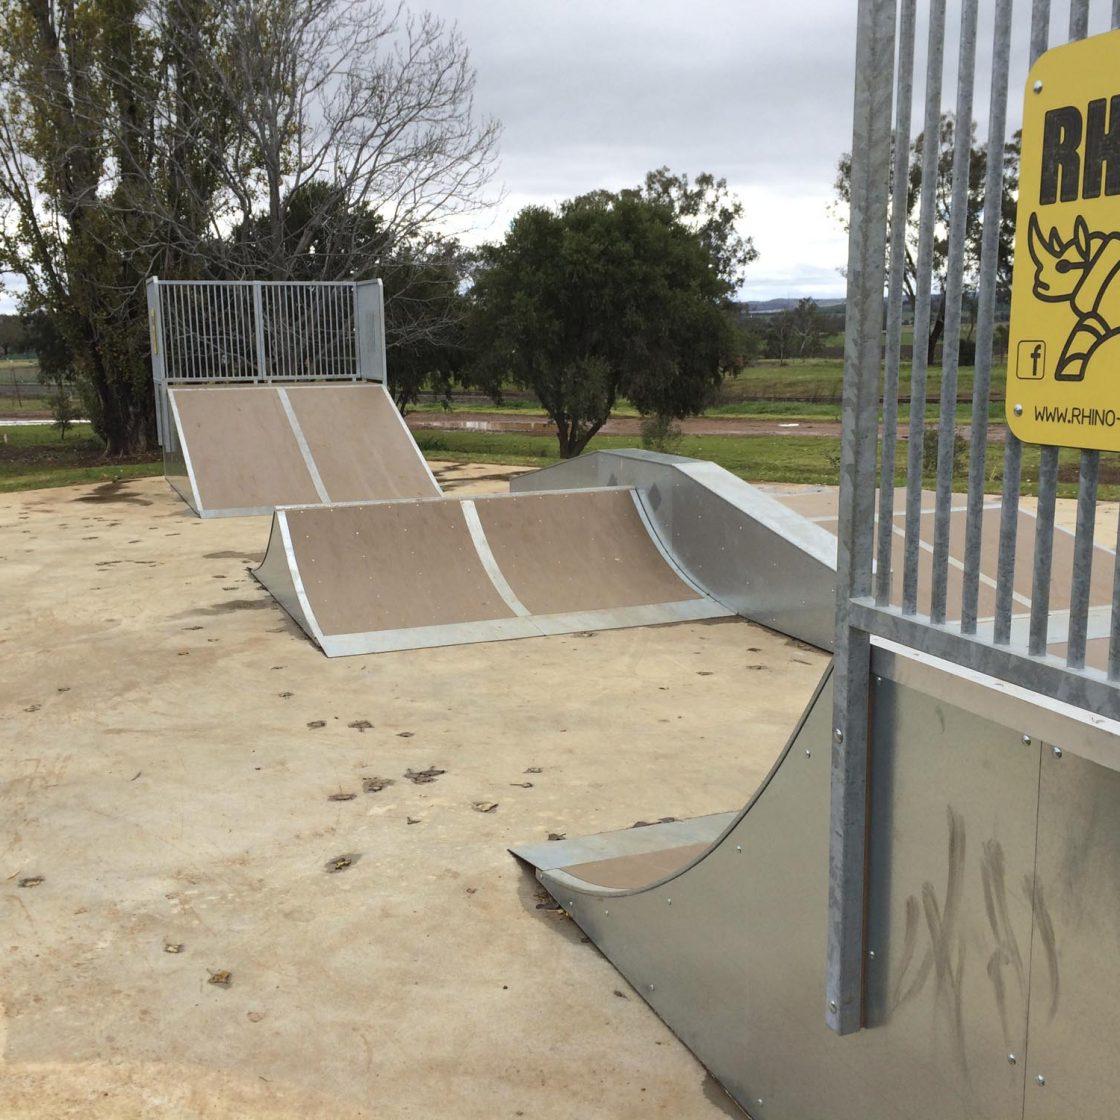 Dunedoo Skate Park